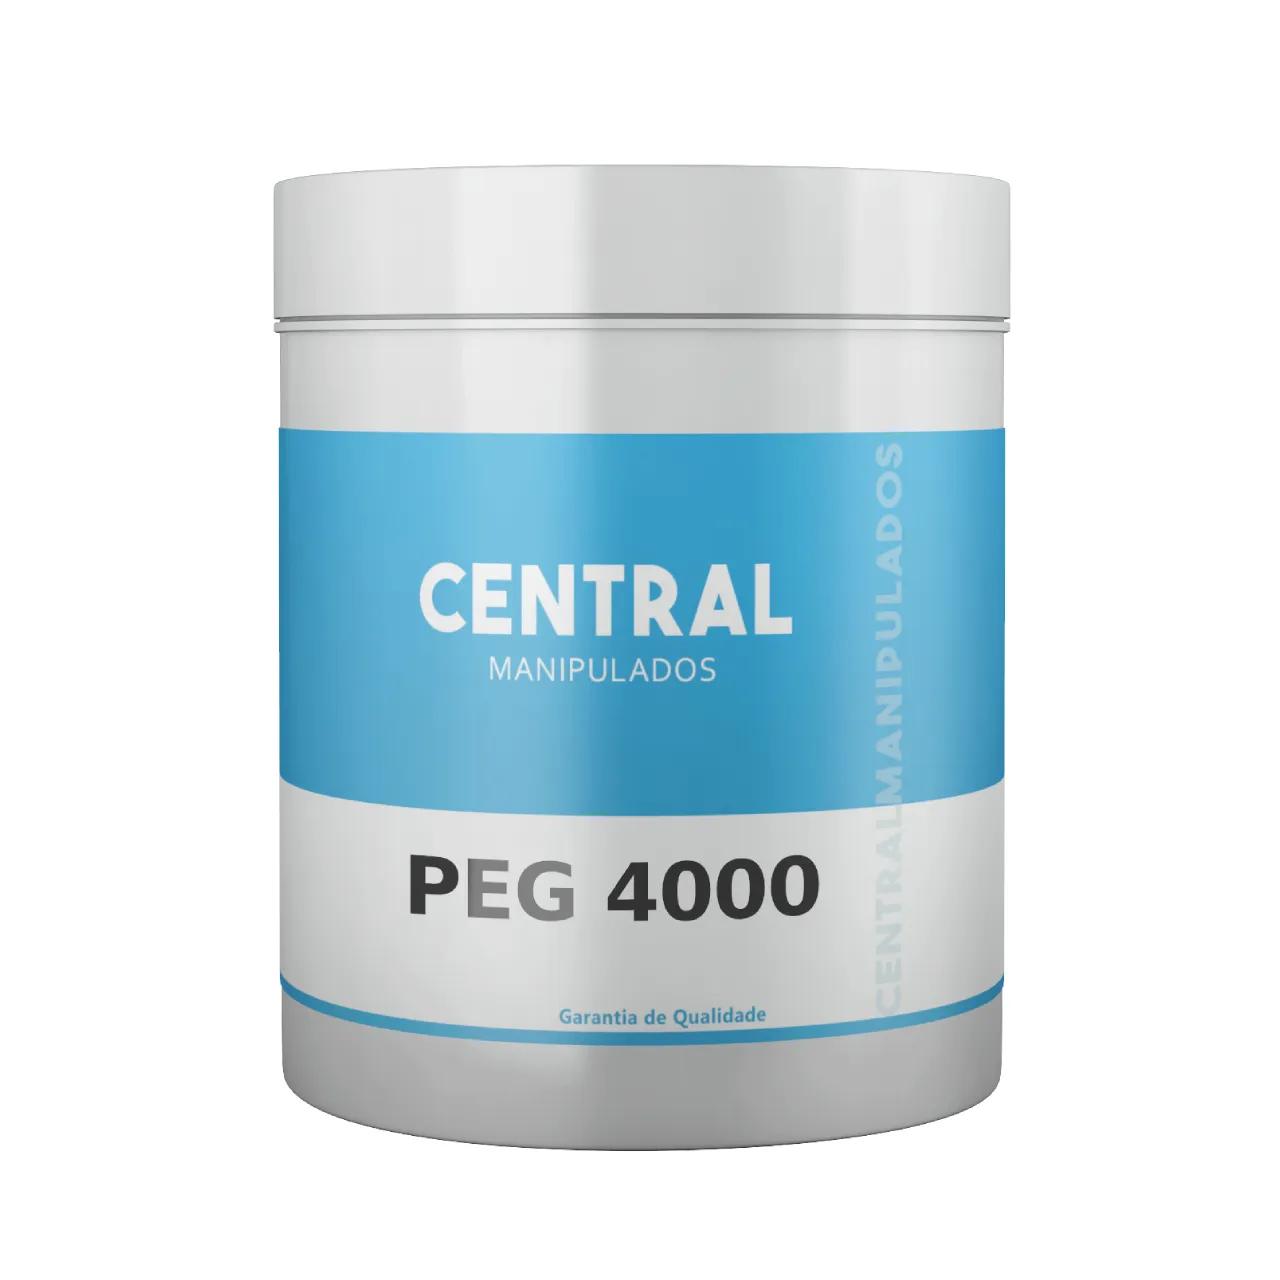 PEG 4000 - 150g - 30 Doses - Em pó - Saúde Intestinal, para prisão de ventre, Facilita a evacuação